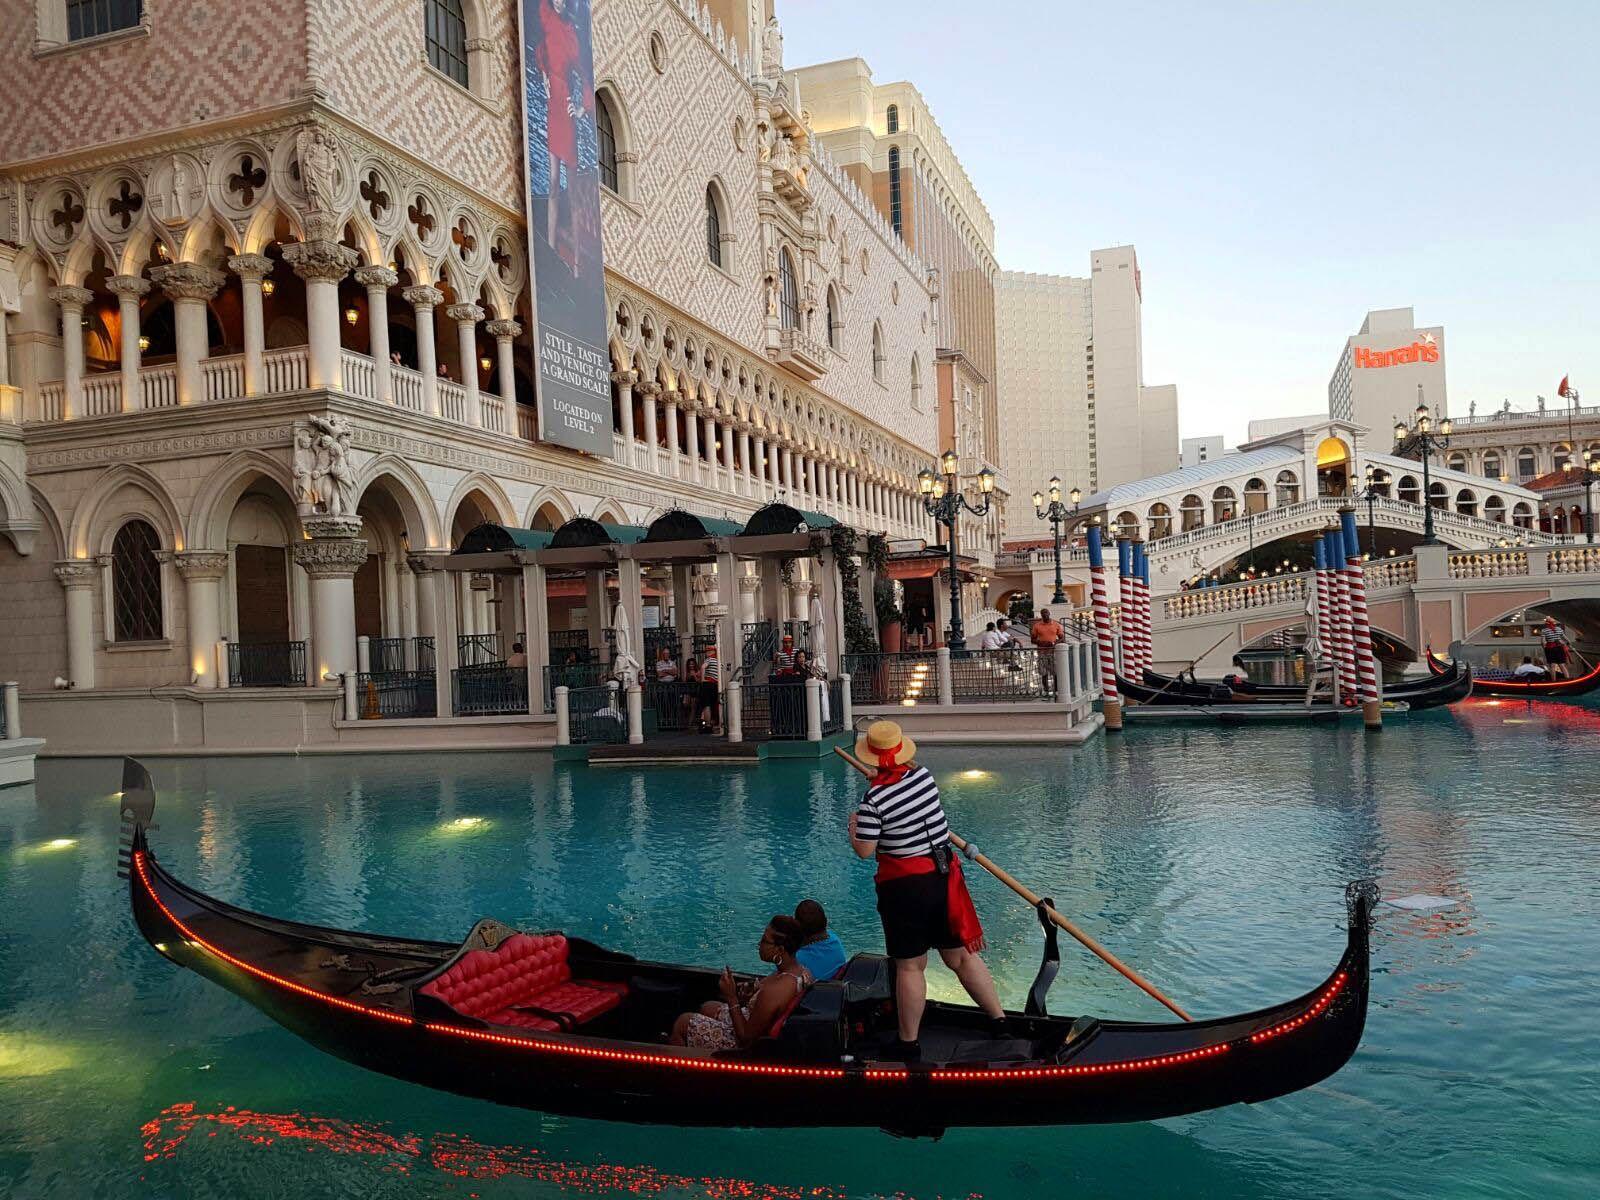 Gondola navegando por el hotel Venetian en Las Vegas